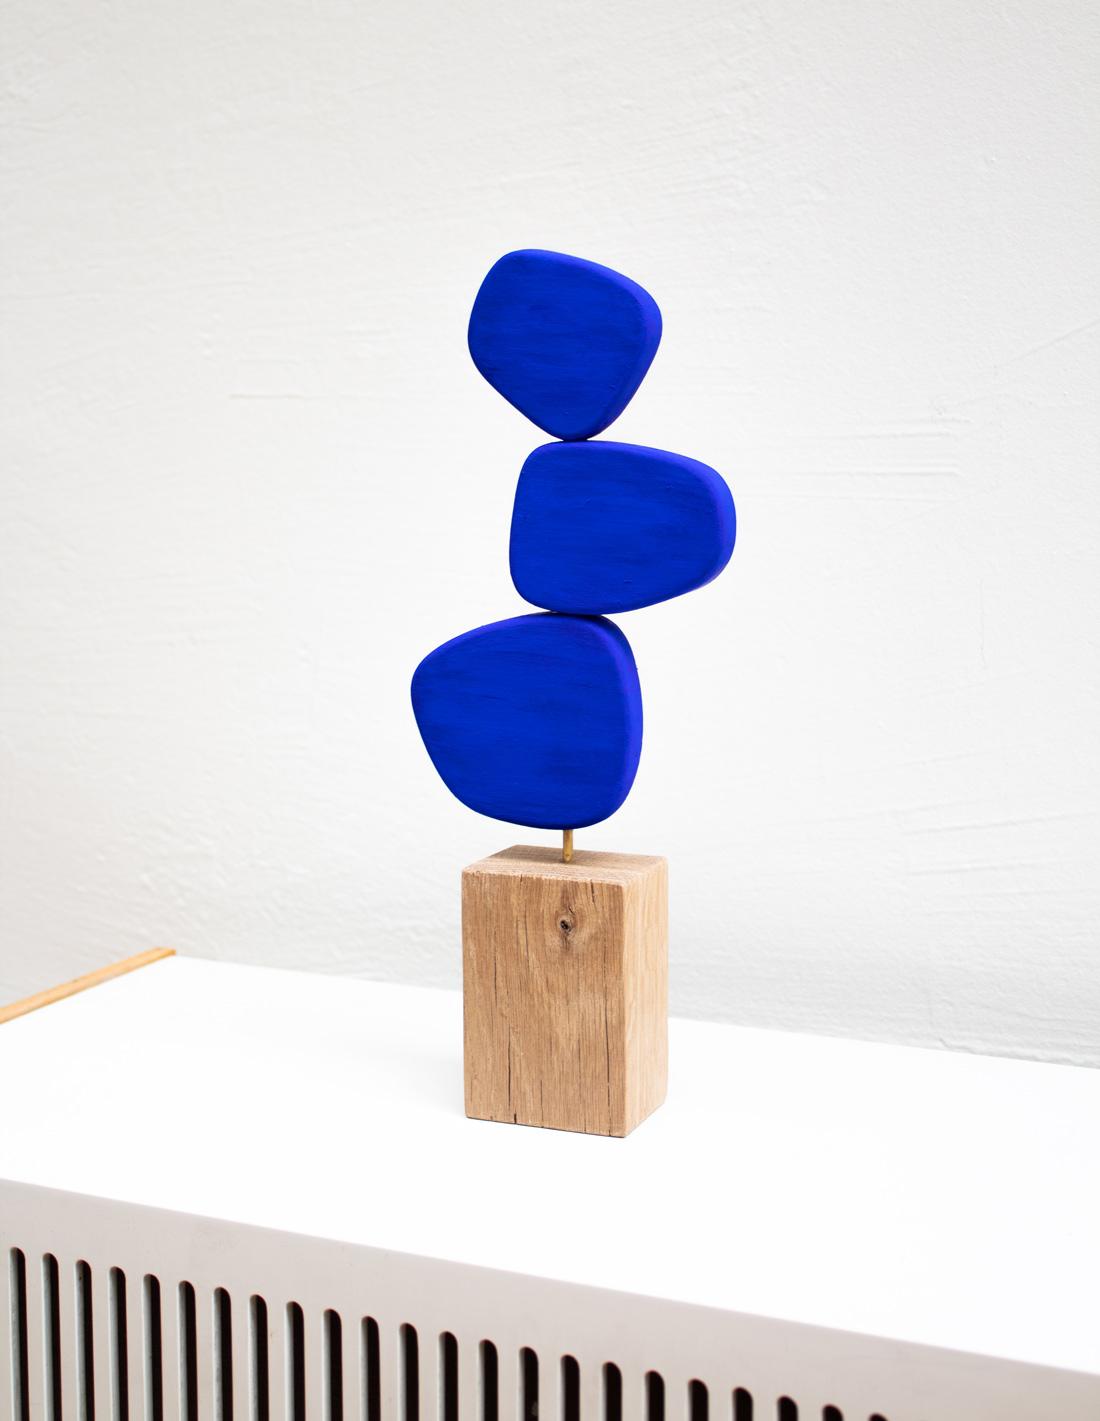 Iwa-Bleu